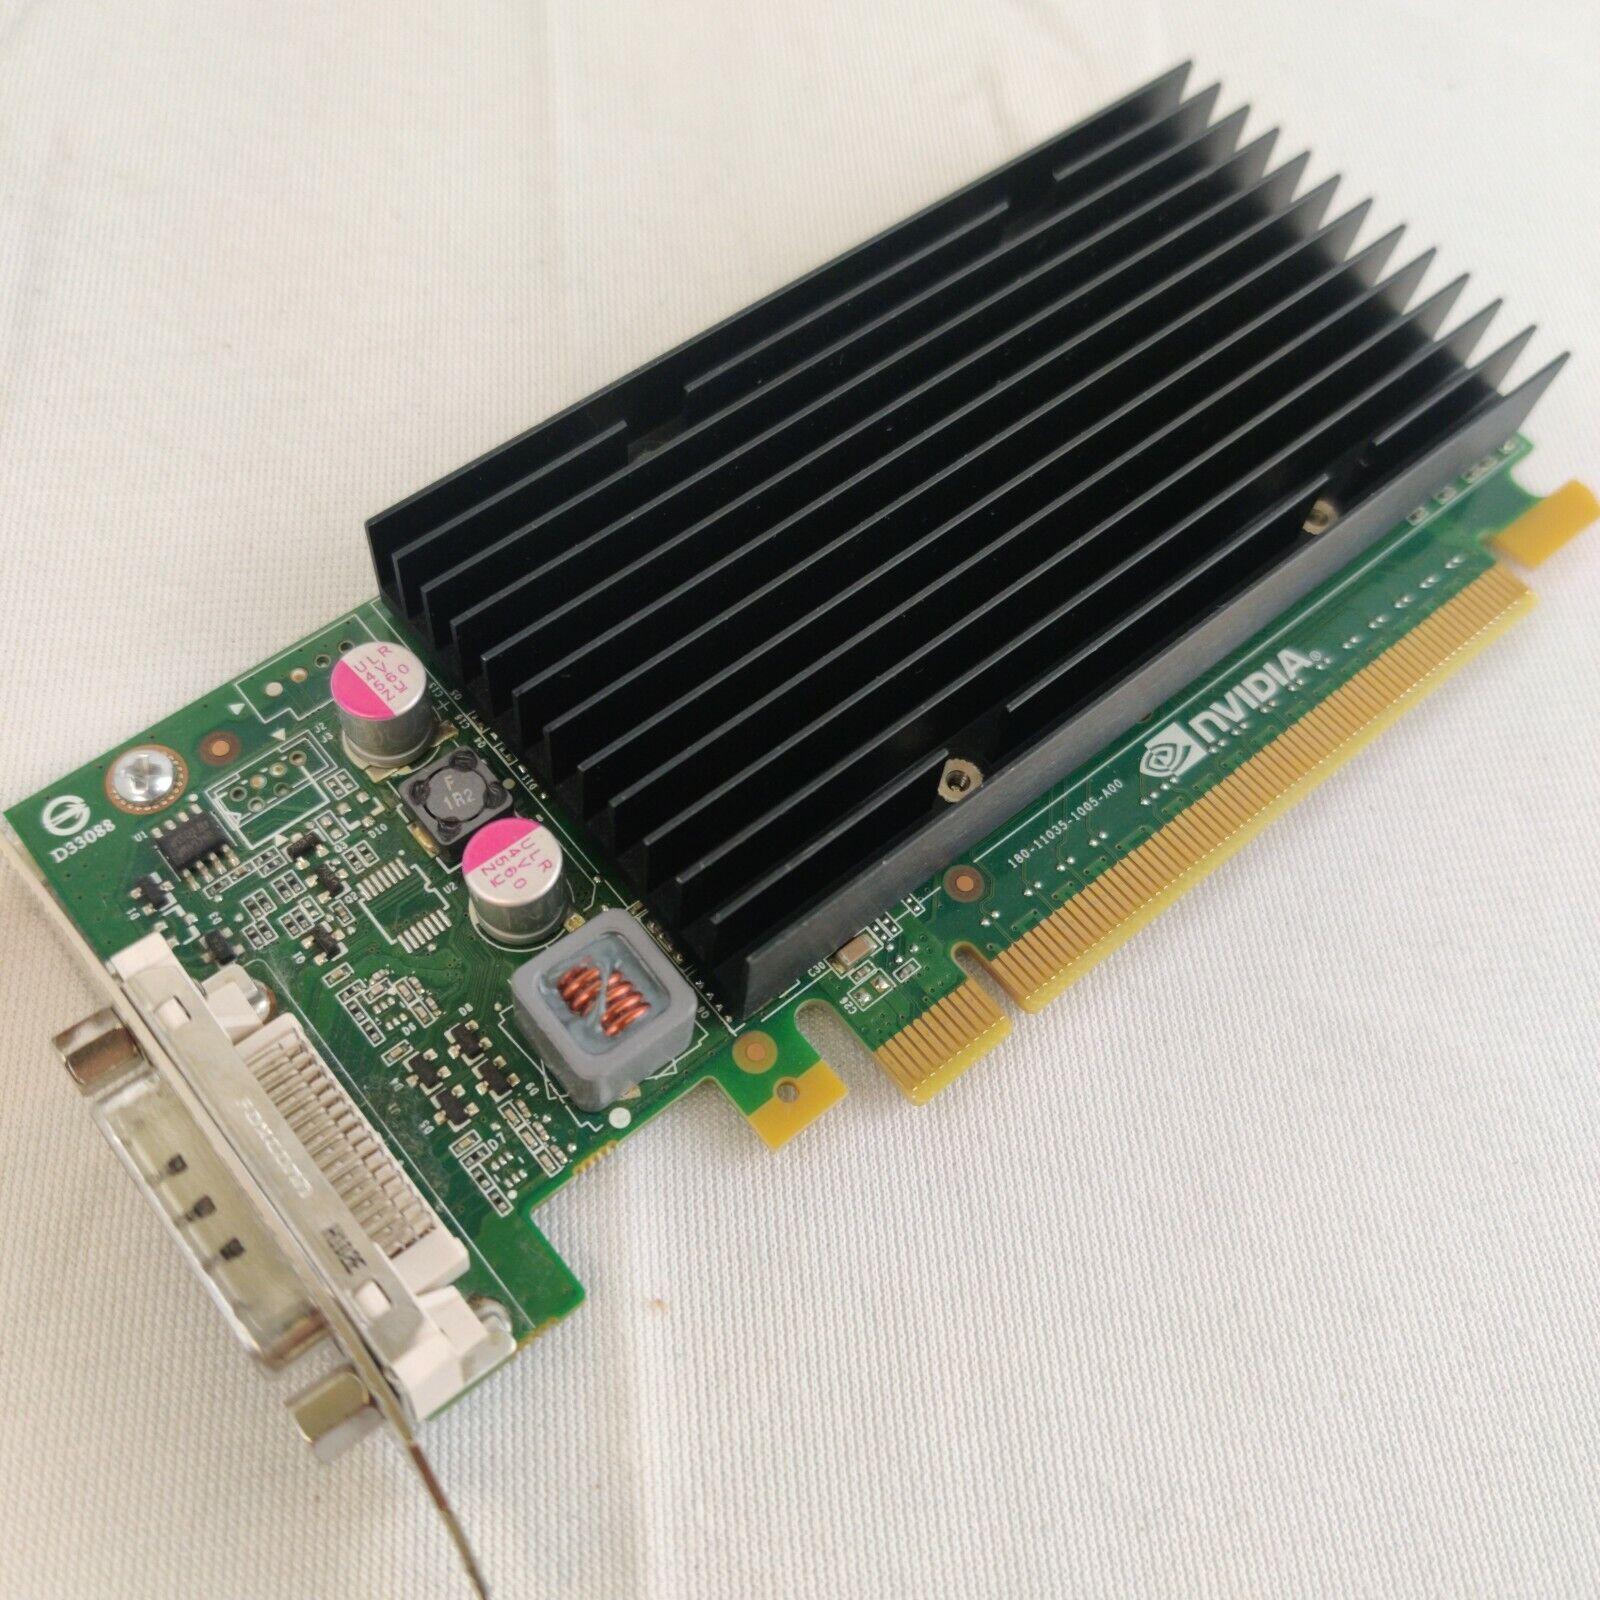 PNY NVIDIA NVS 300 512MB DDR3 PCI-E Video Card - Fast Shipping